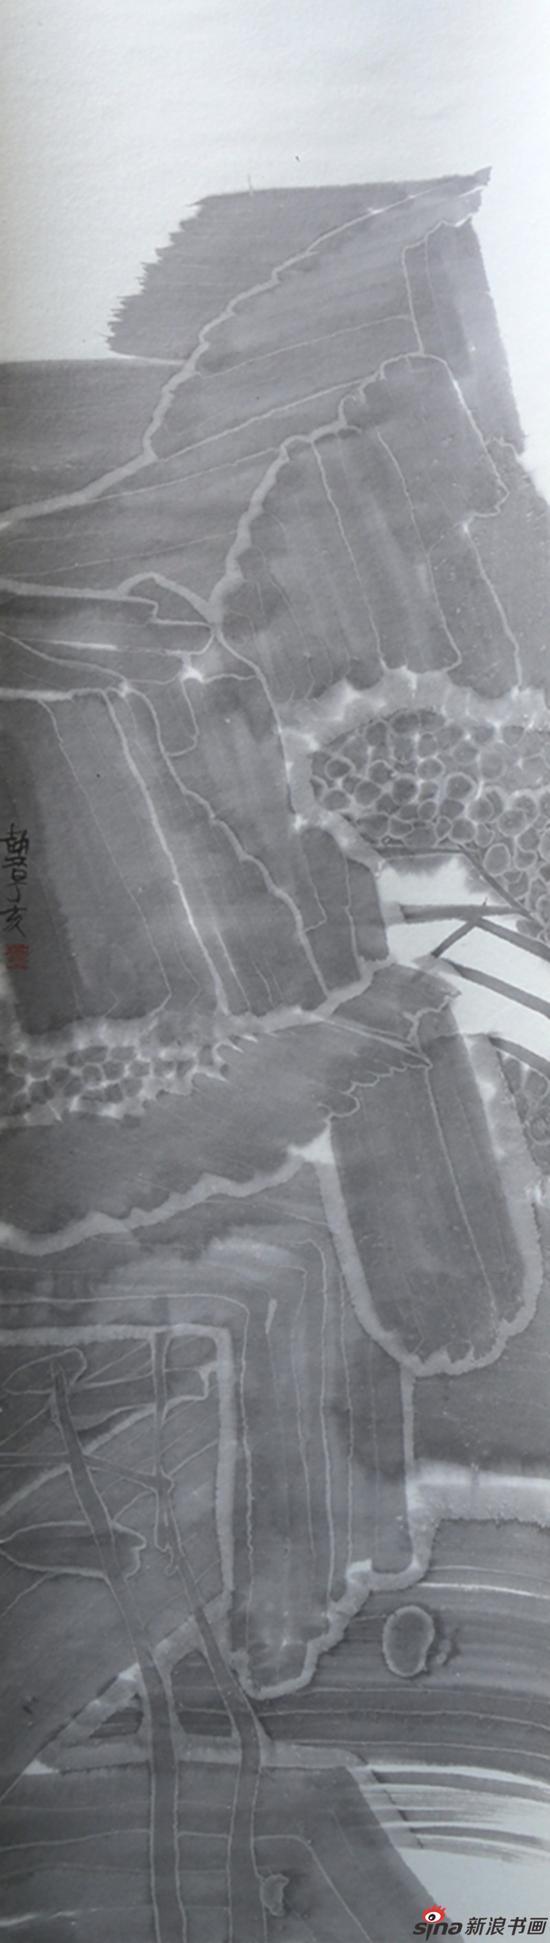 古典山水之四 136x35cm 纸本水墨 2007年